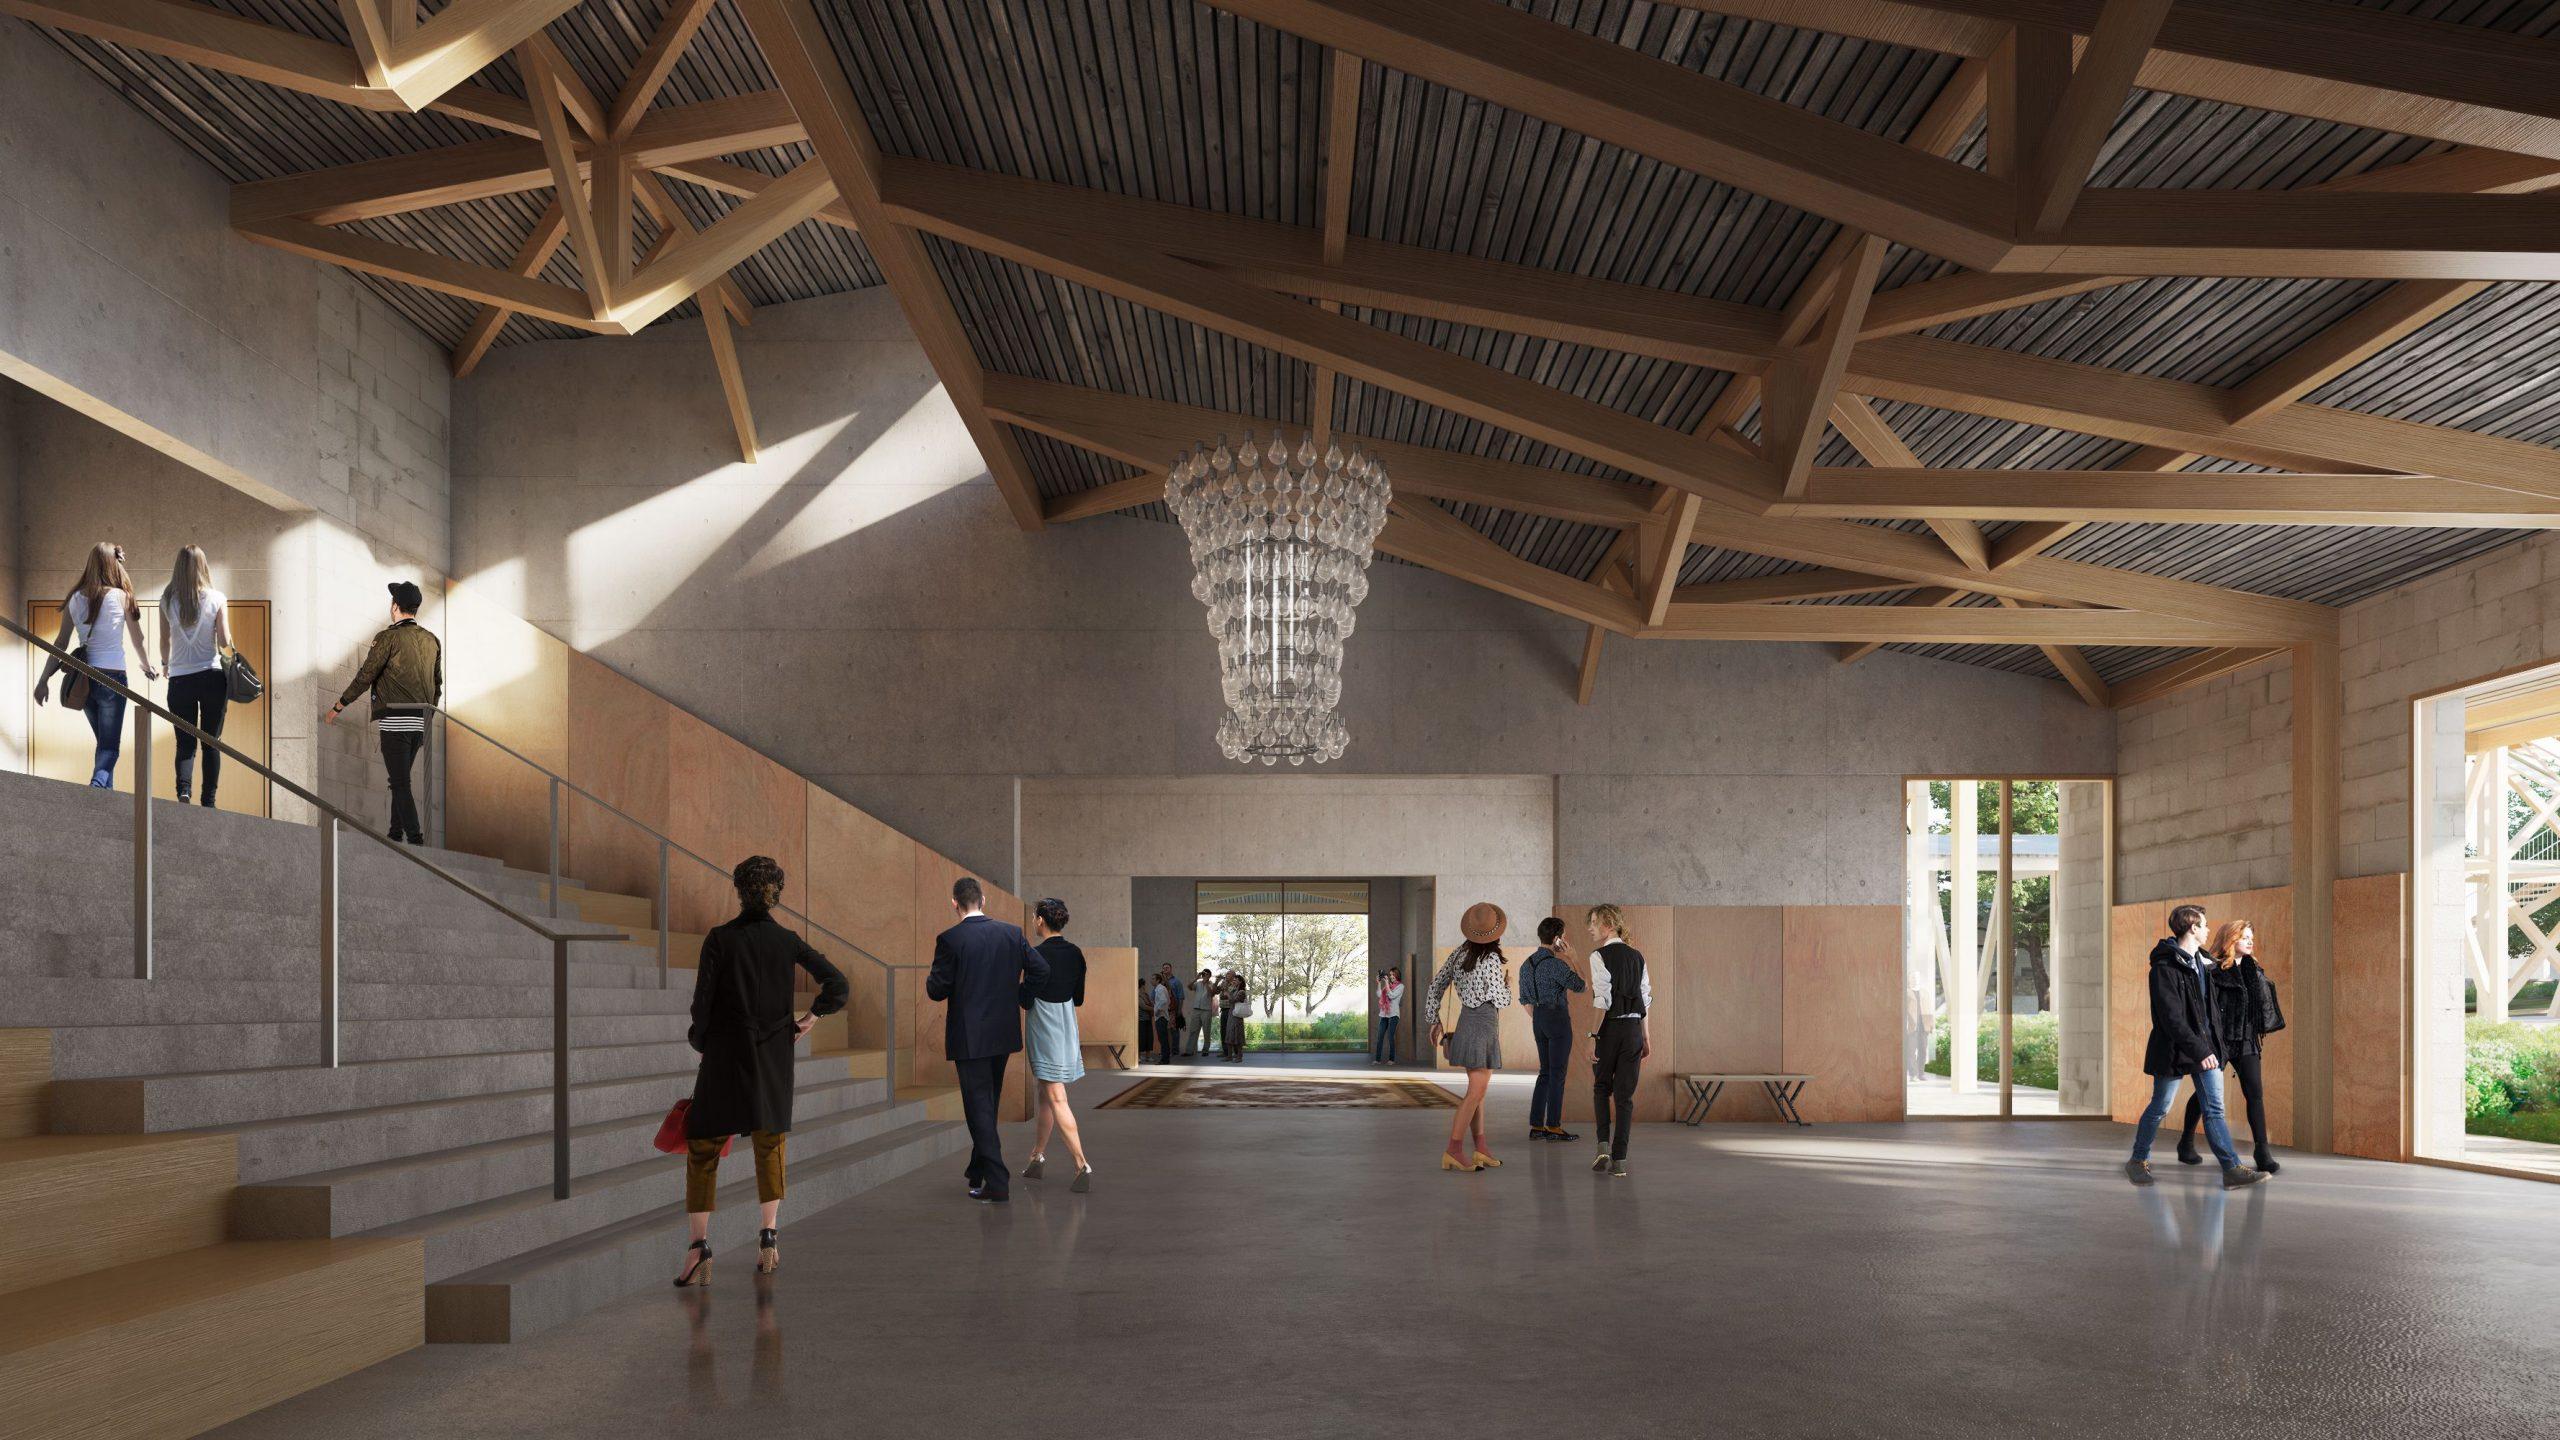 Le grand T - Int - Caractere Spécial - Matthieu Poitevin Architecture